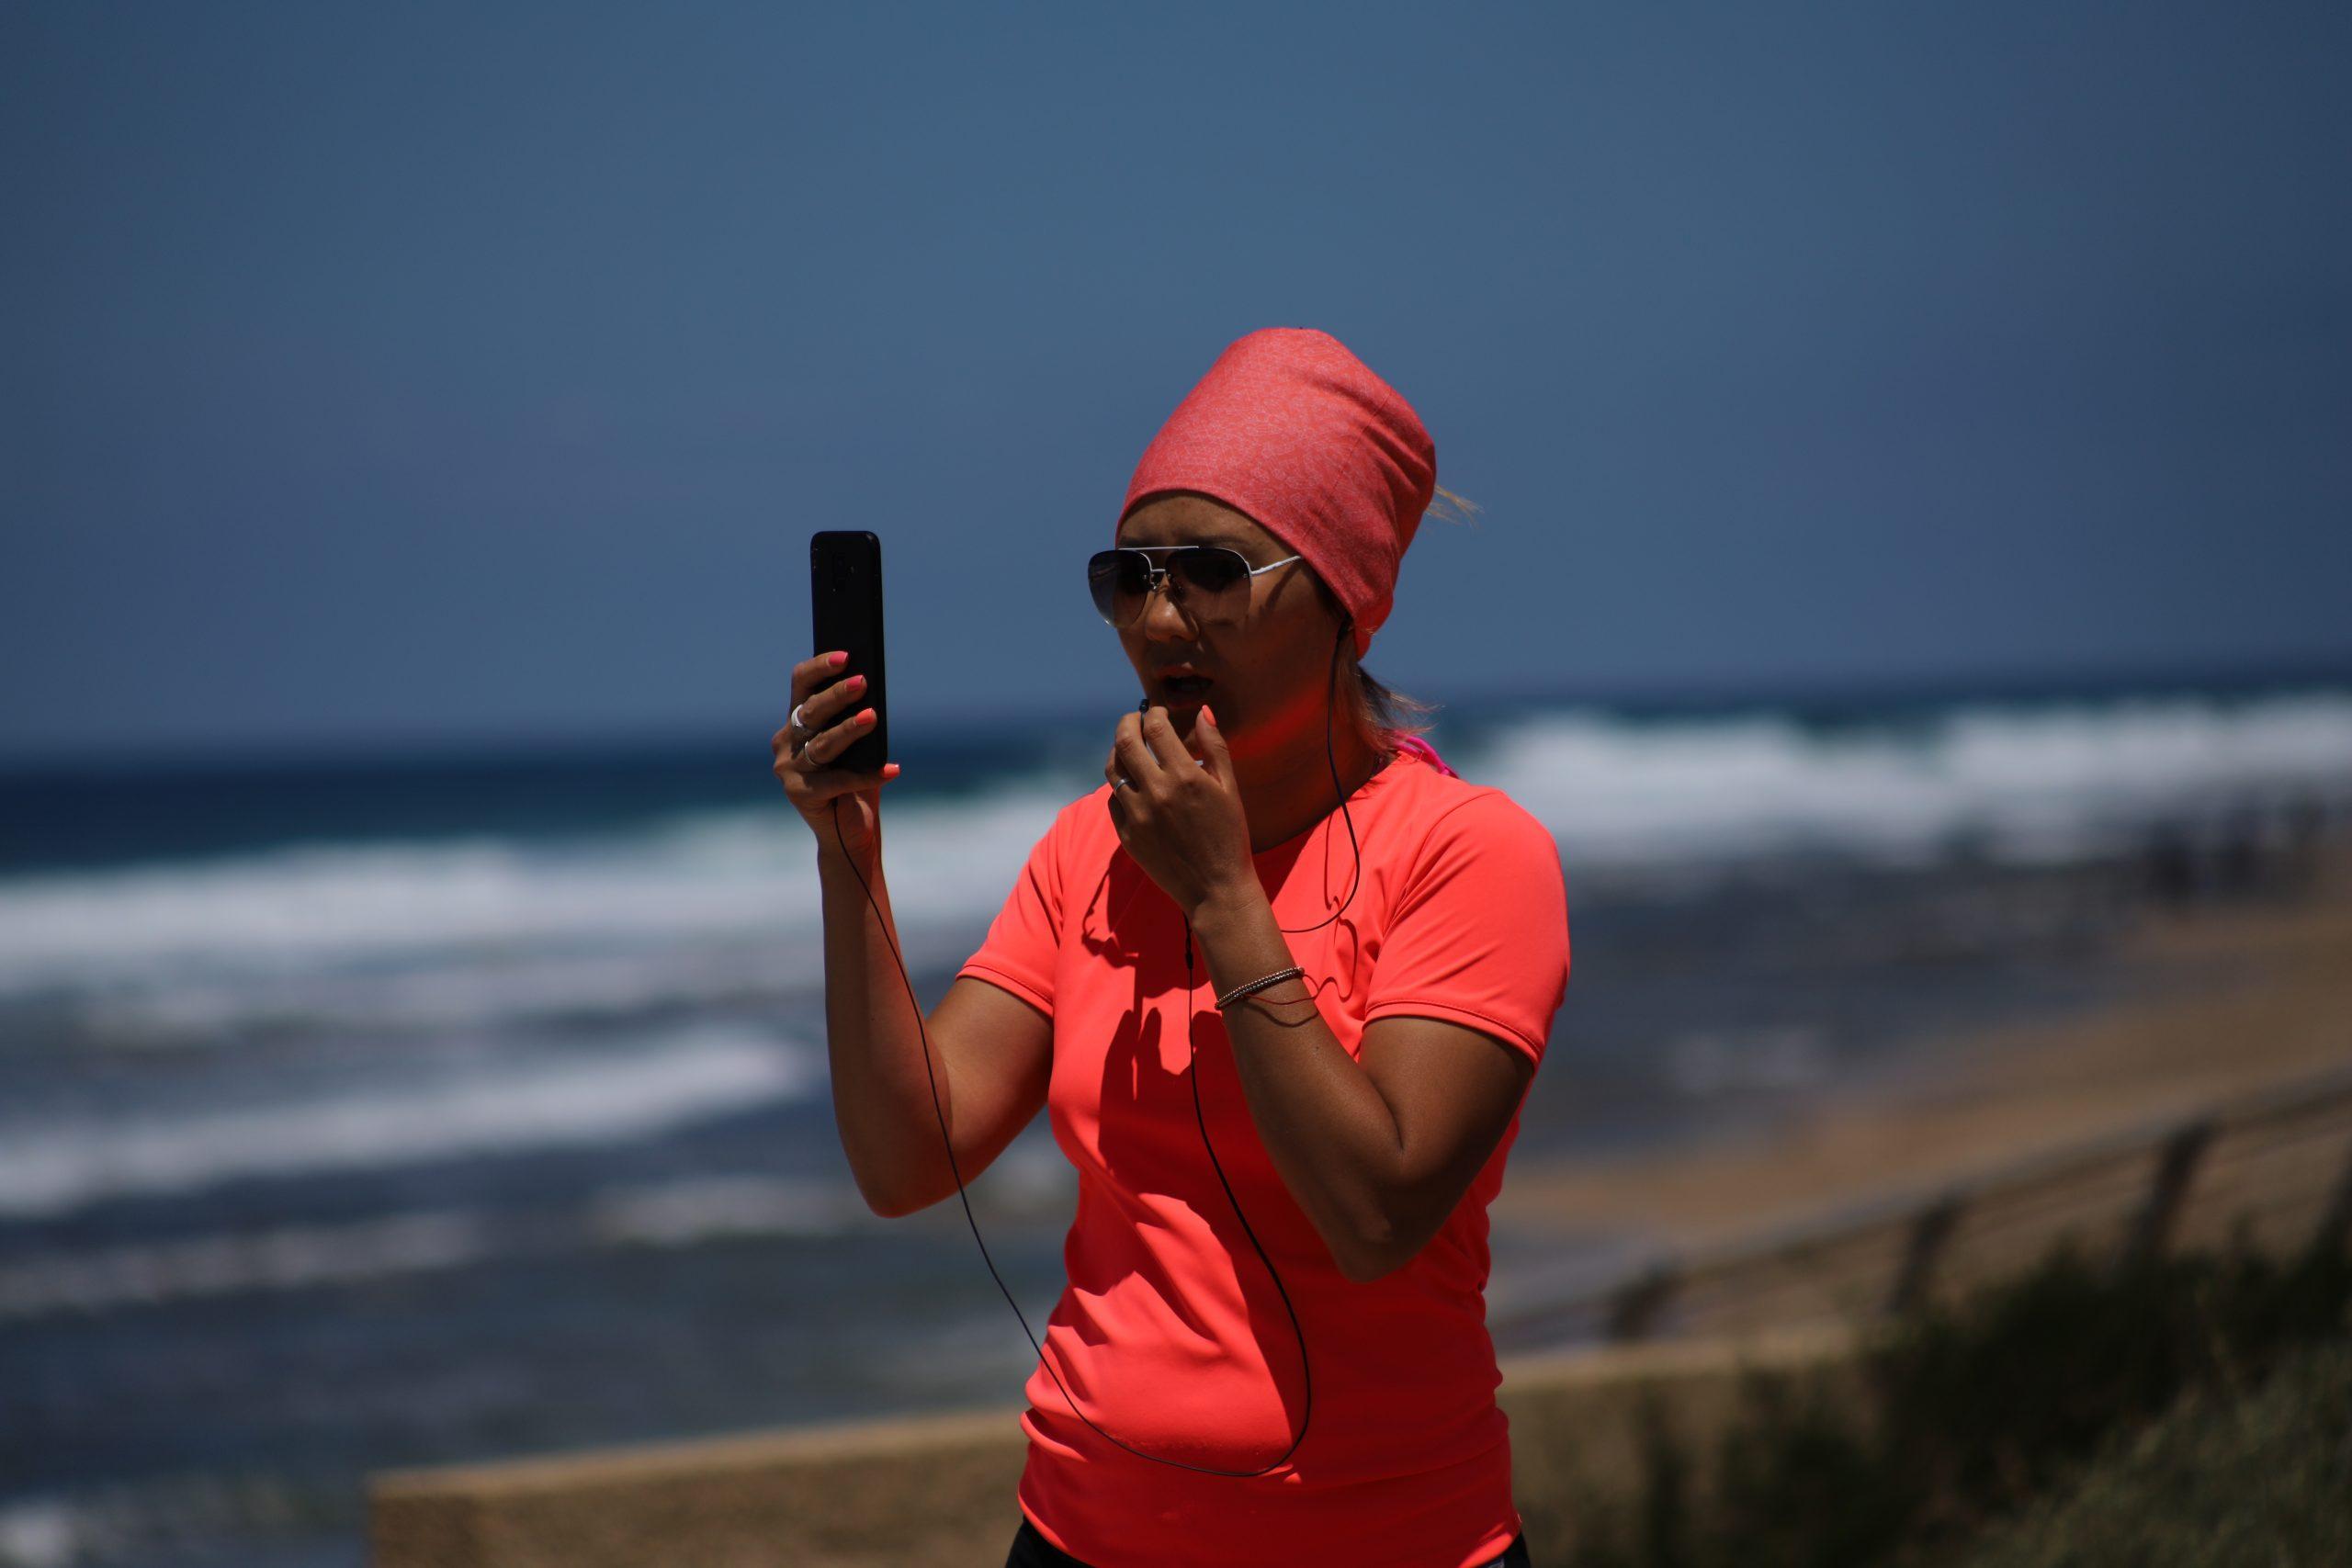 #smartphone